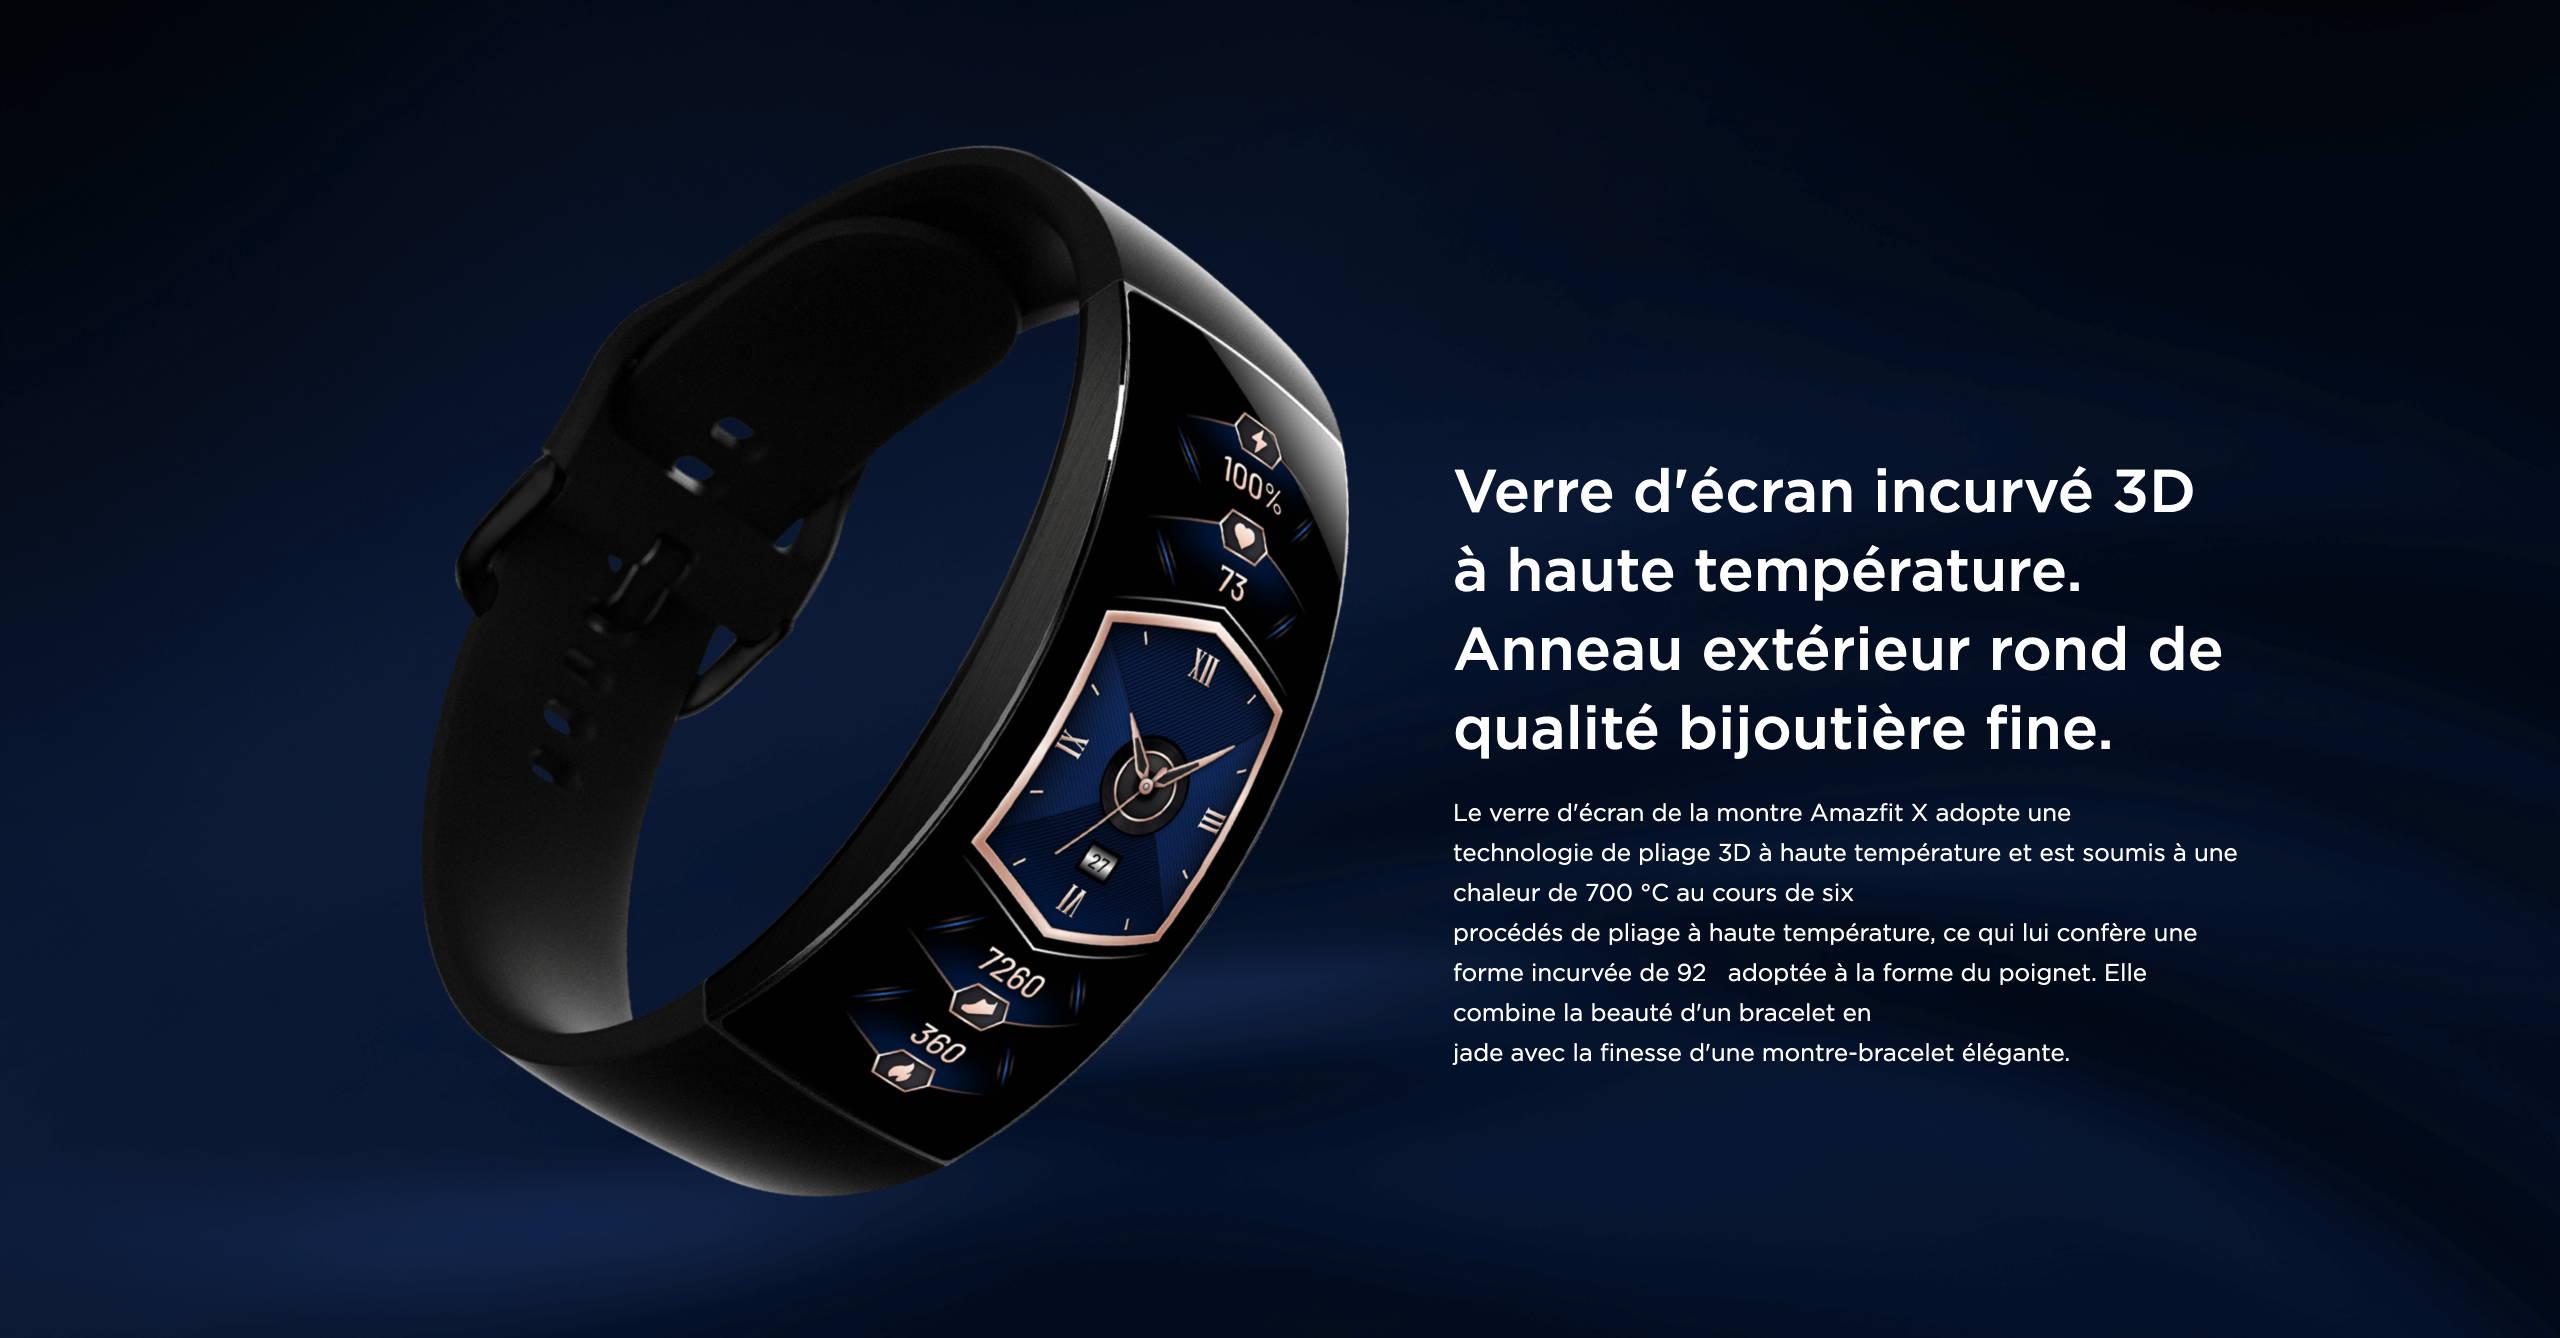 Amazfit X - Verre d'écran incurvé 3D à haute température. Anneau extérieur rond de qualité bijoutière fine.